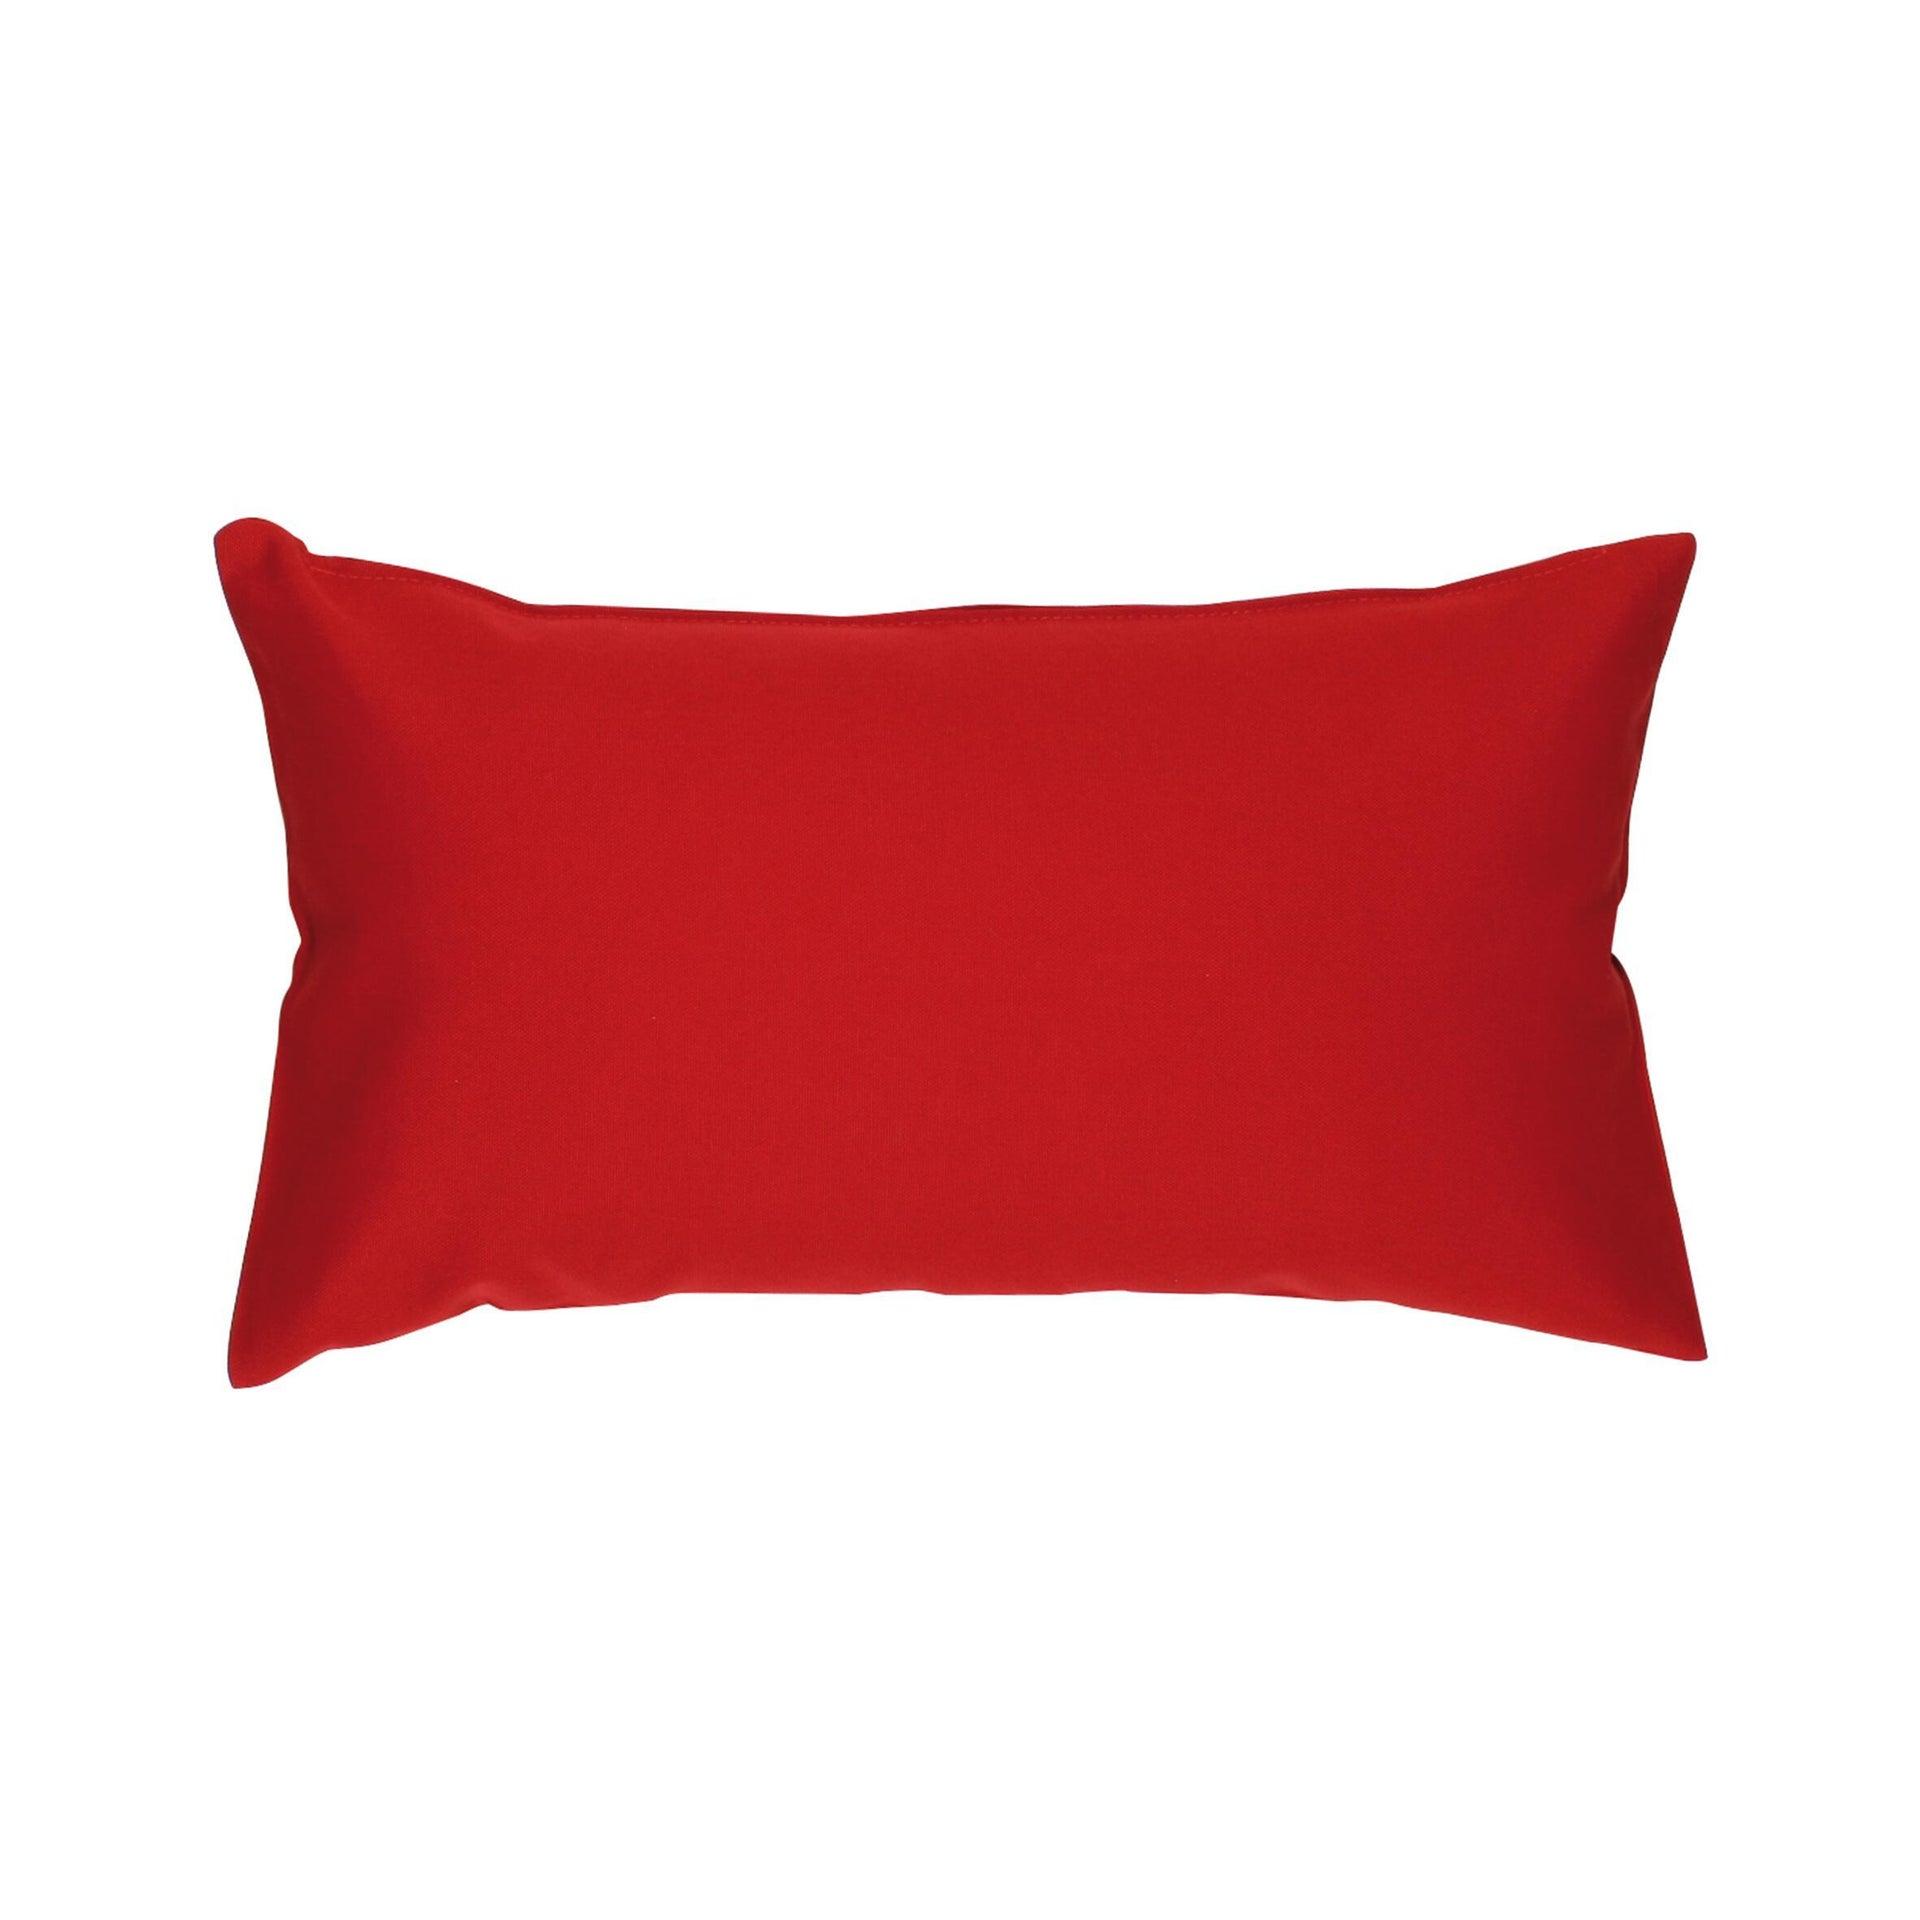 Fodera per cuscino Colorama rosso 50x30 cm - 2